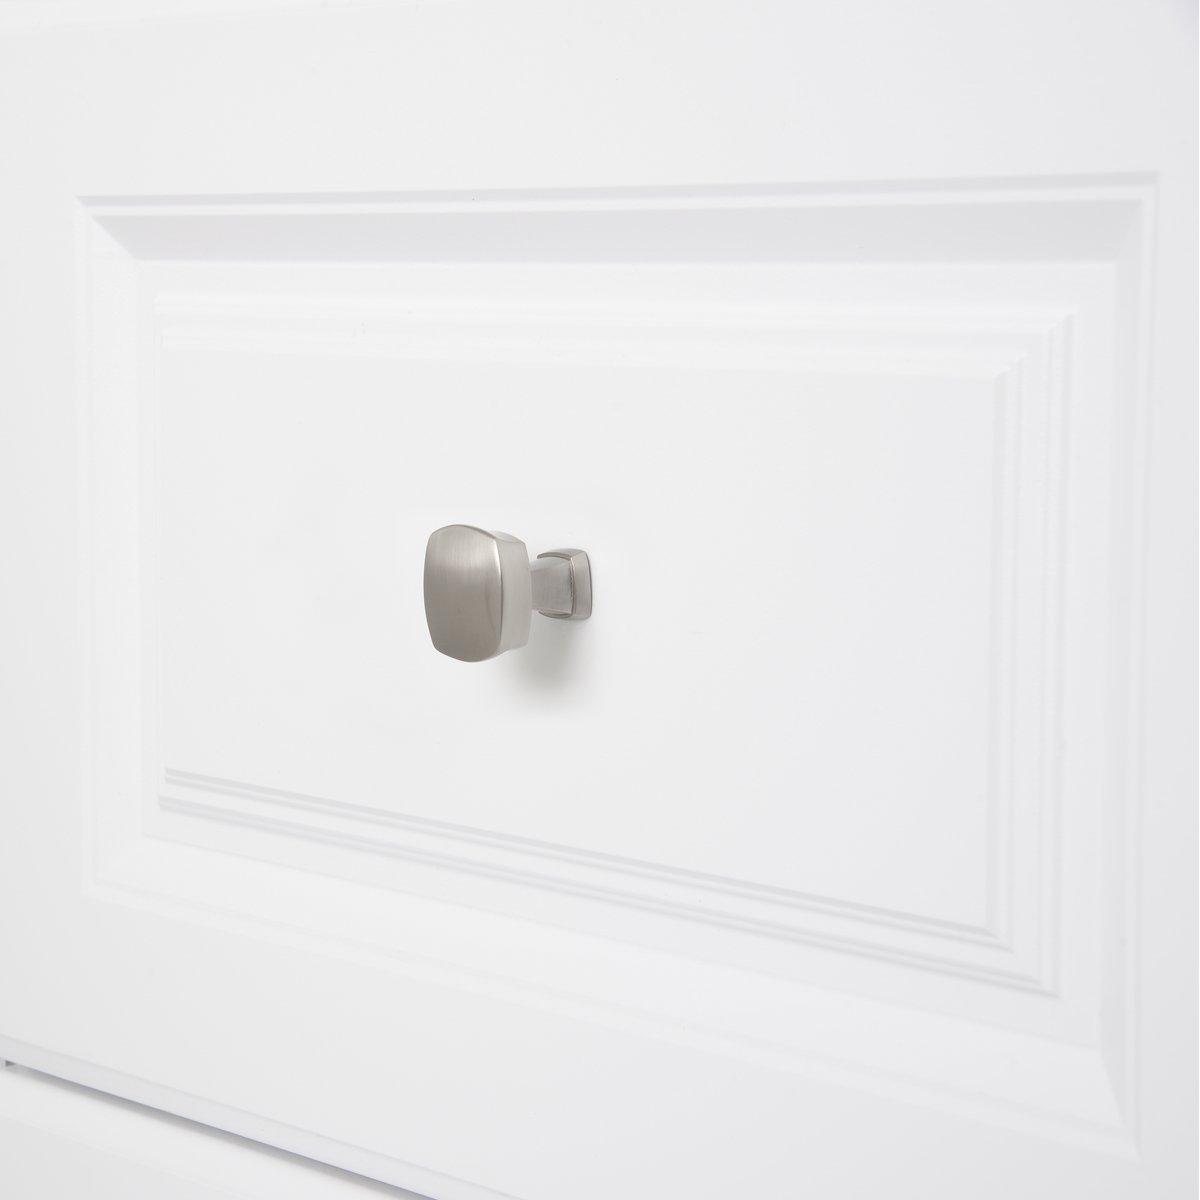 3,2 cm de di/ámetro Pomo de armario redondo y cuadrado Cromo pulido Paquete de 25 Basics